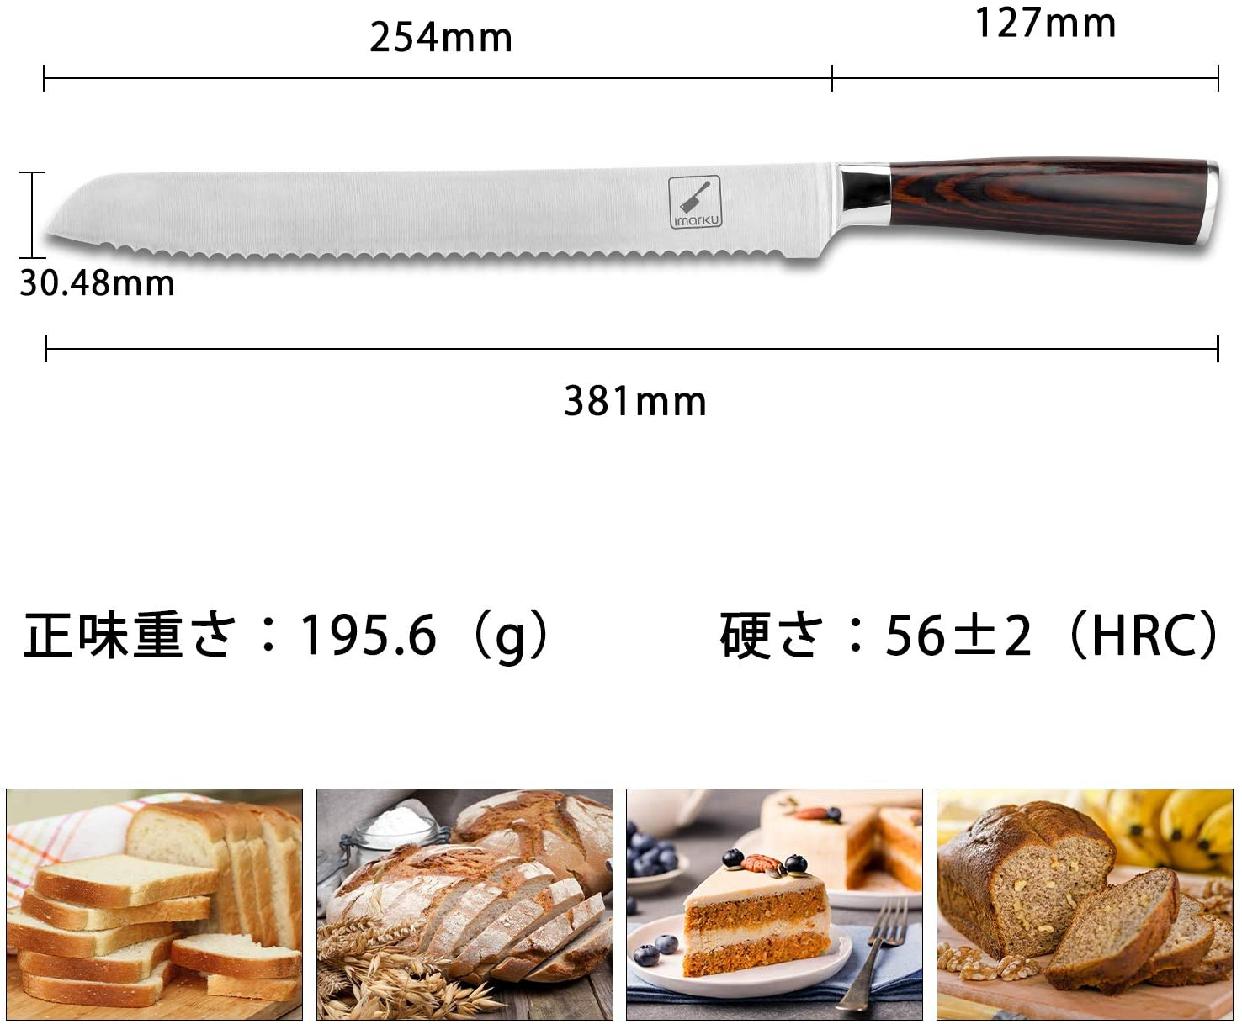 imarku(イマルク)ブレッドナイフ 10インチ シルバーの商品画像4